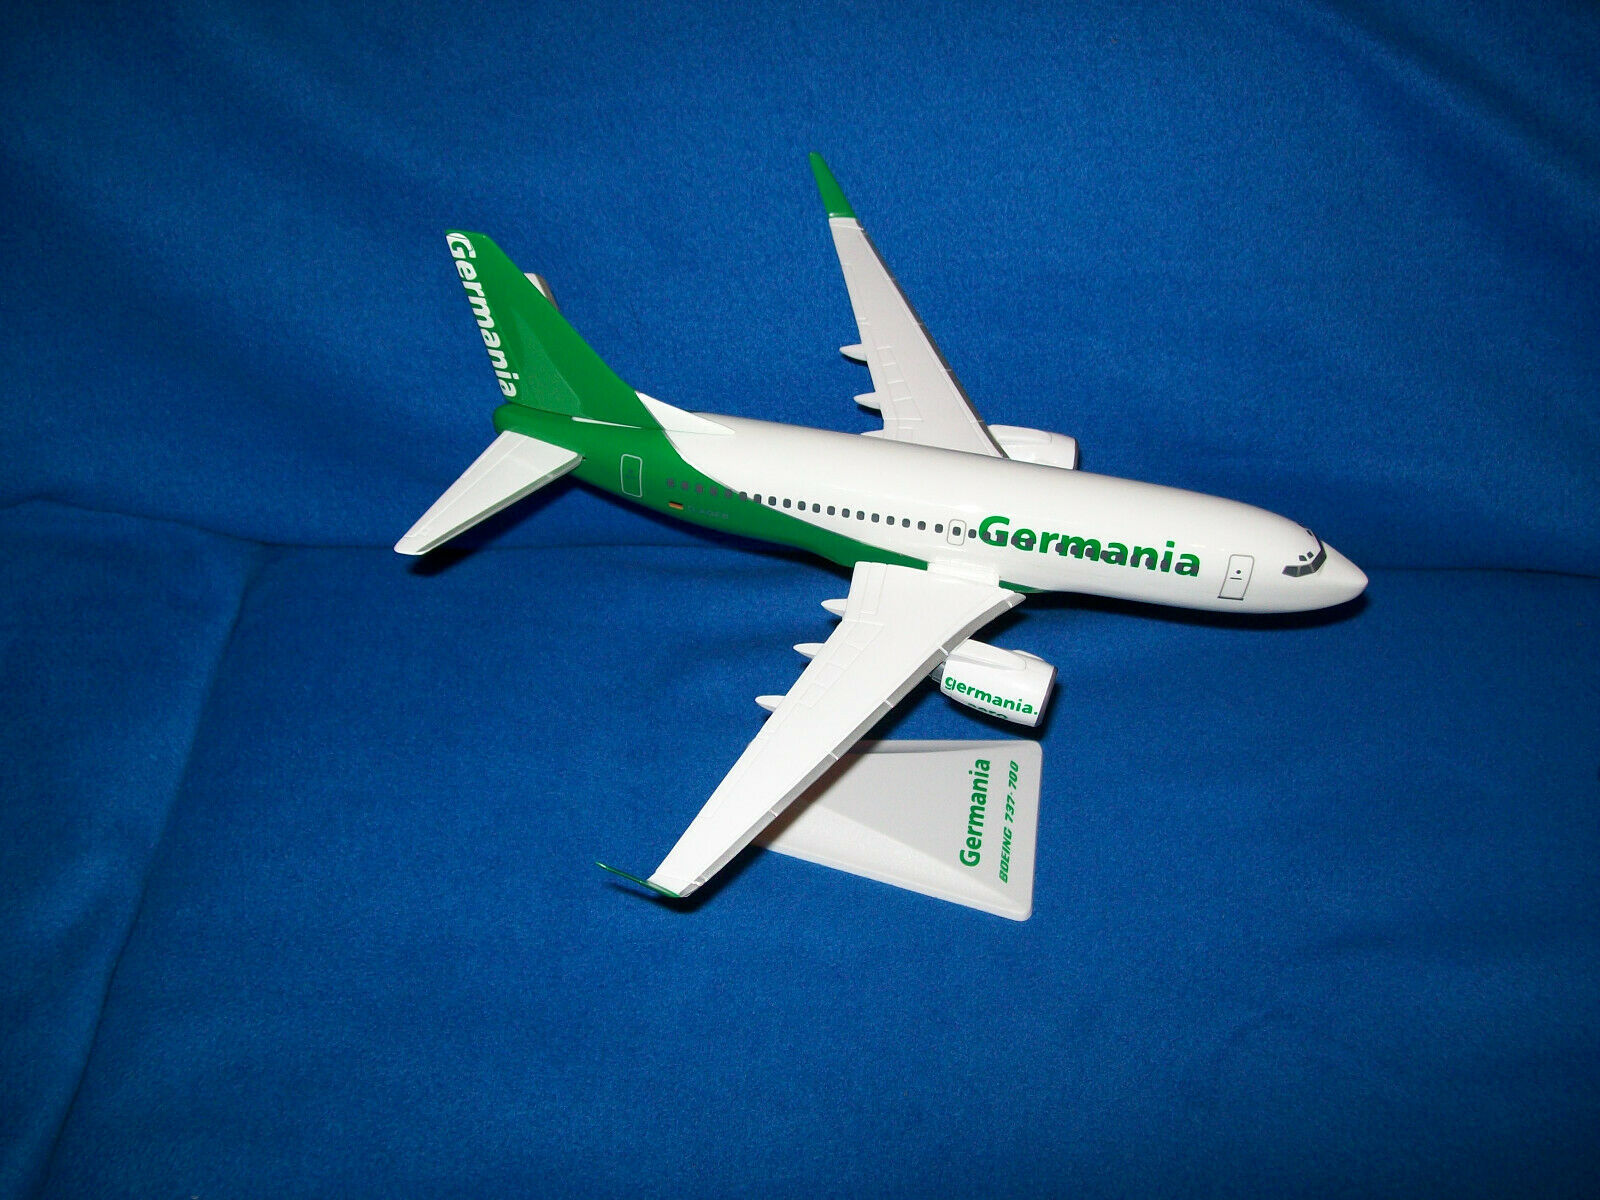 Tu satisfacción es nuestro objetivo Modelo Modelo Modelo de avión avión airbus Boing 1 100 Germania Herpa con embalaje original  tienda en linea